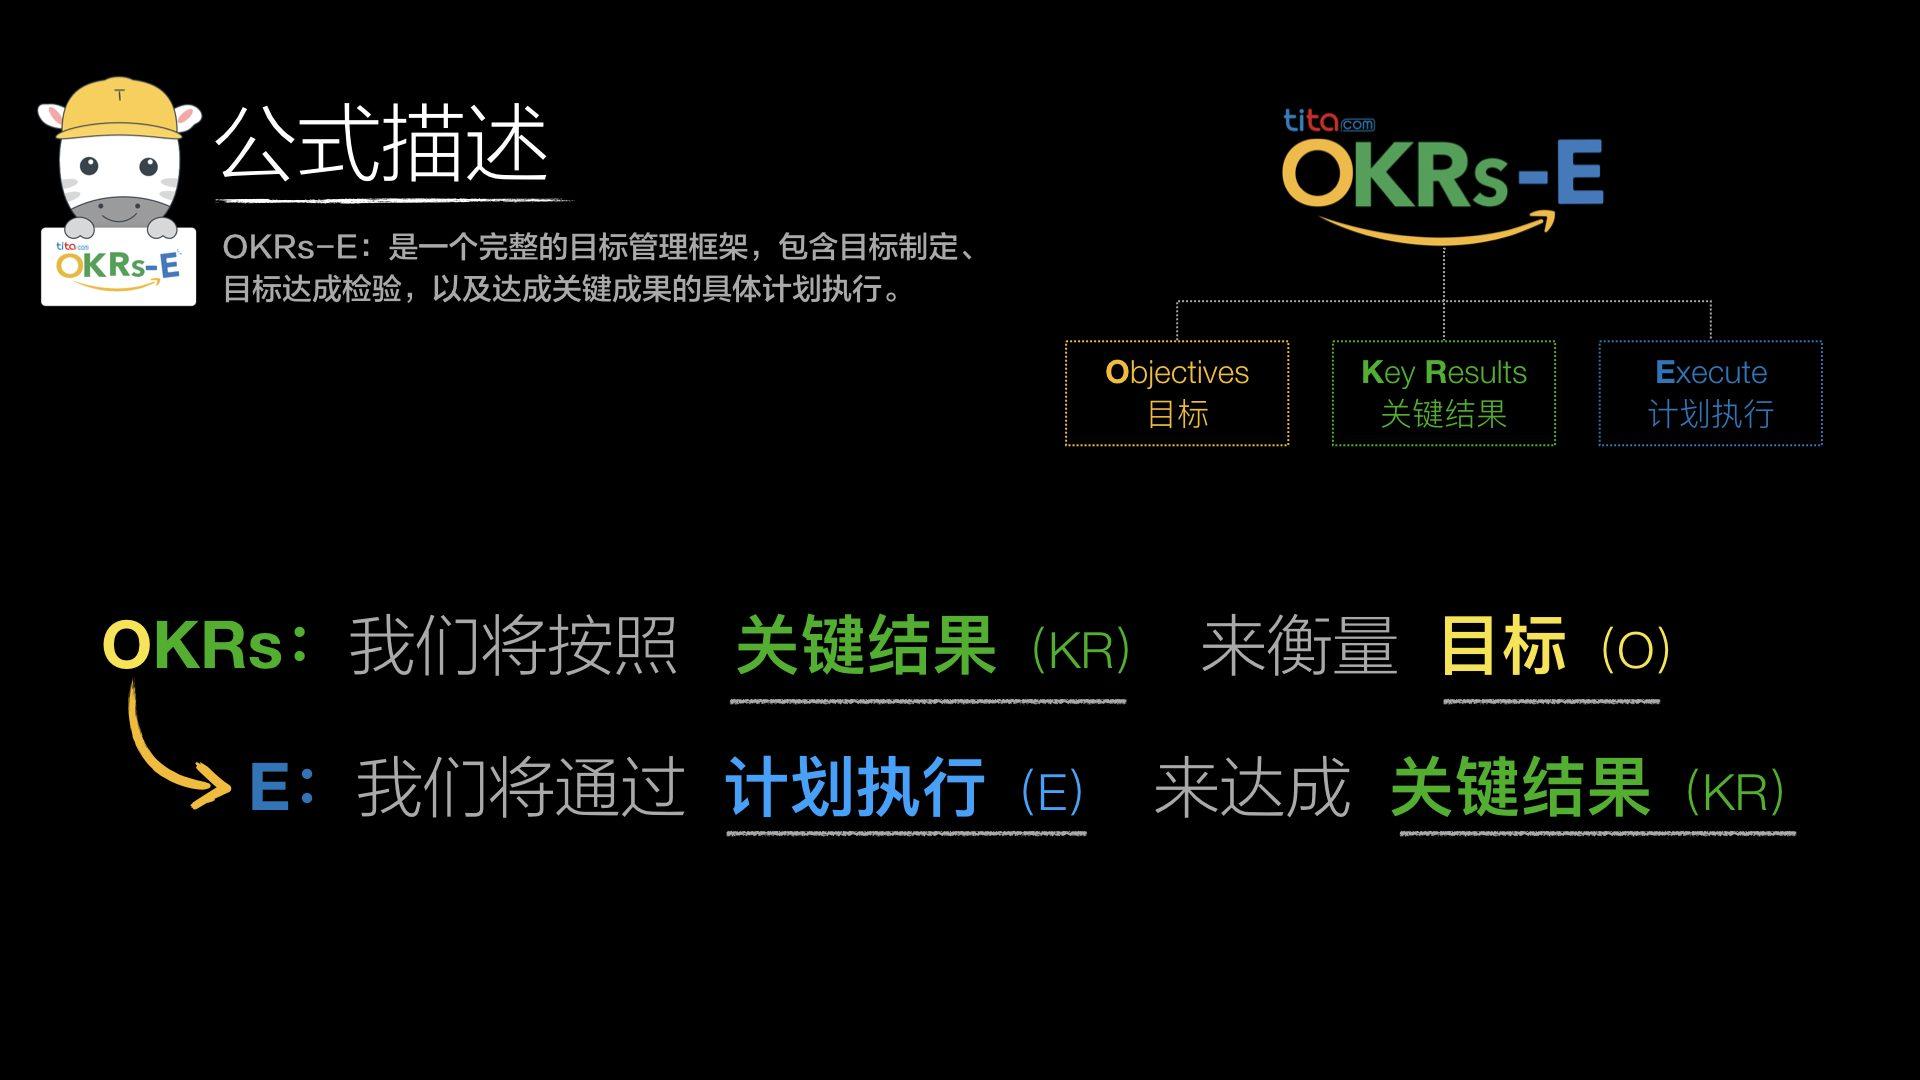 OKRs-E公式(图片来源:tita.com)